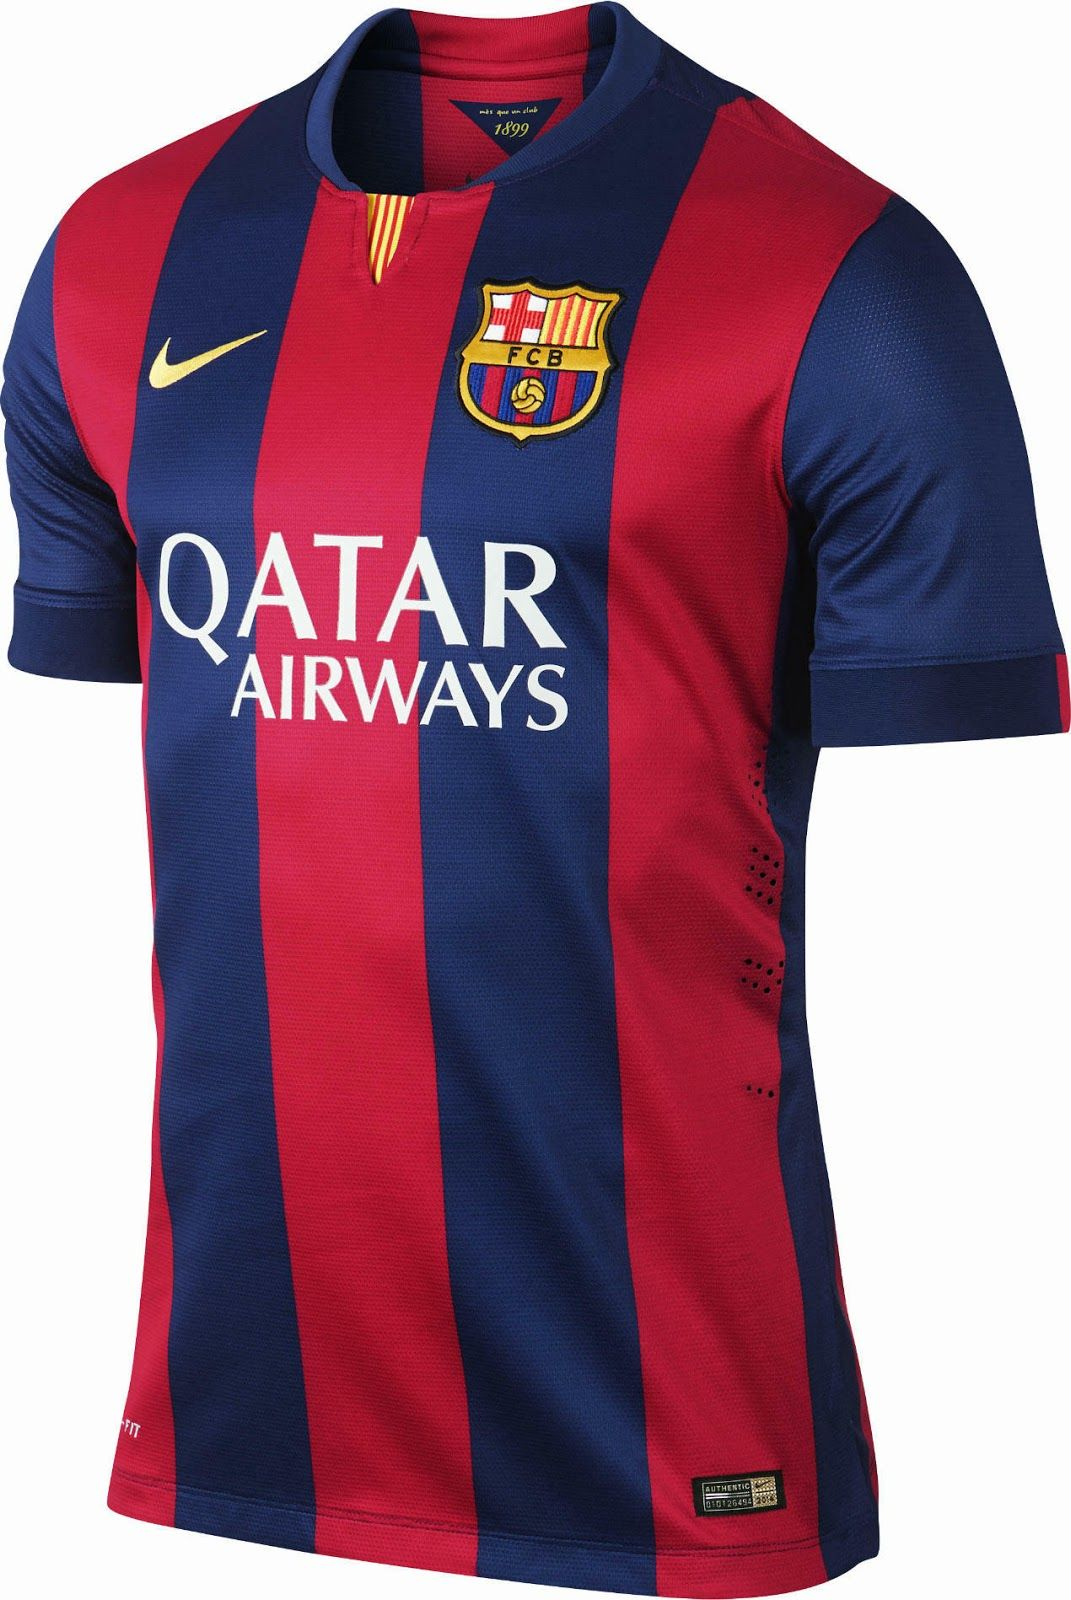 Pin de La Mano de Dios en F.C.Barcelona Camisetas 2015  7e4d977096c8f